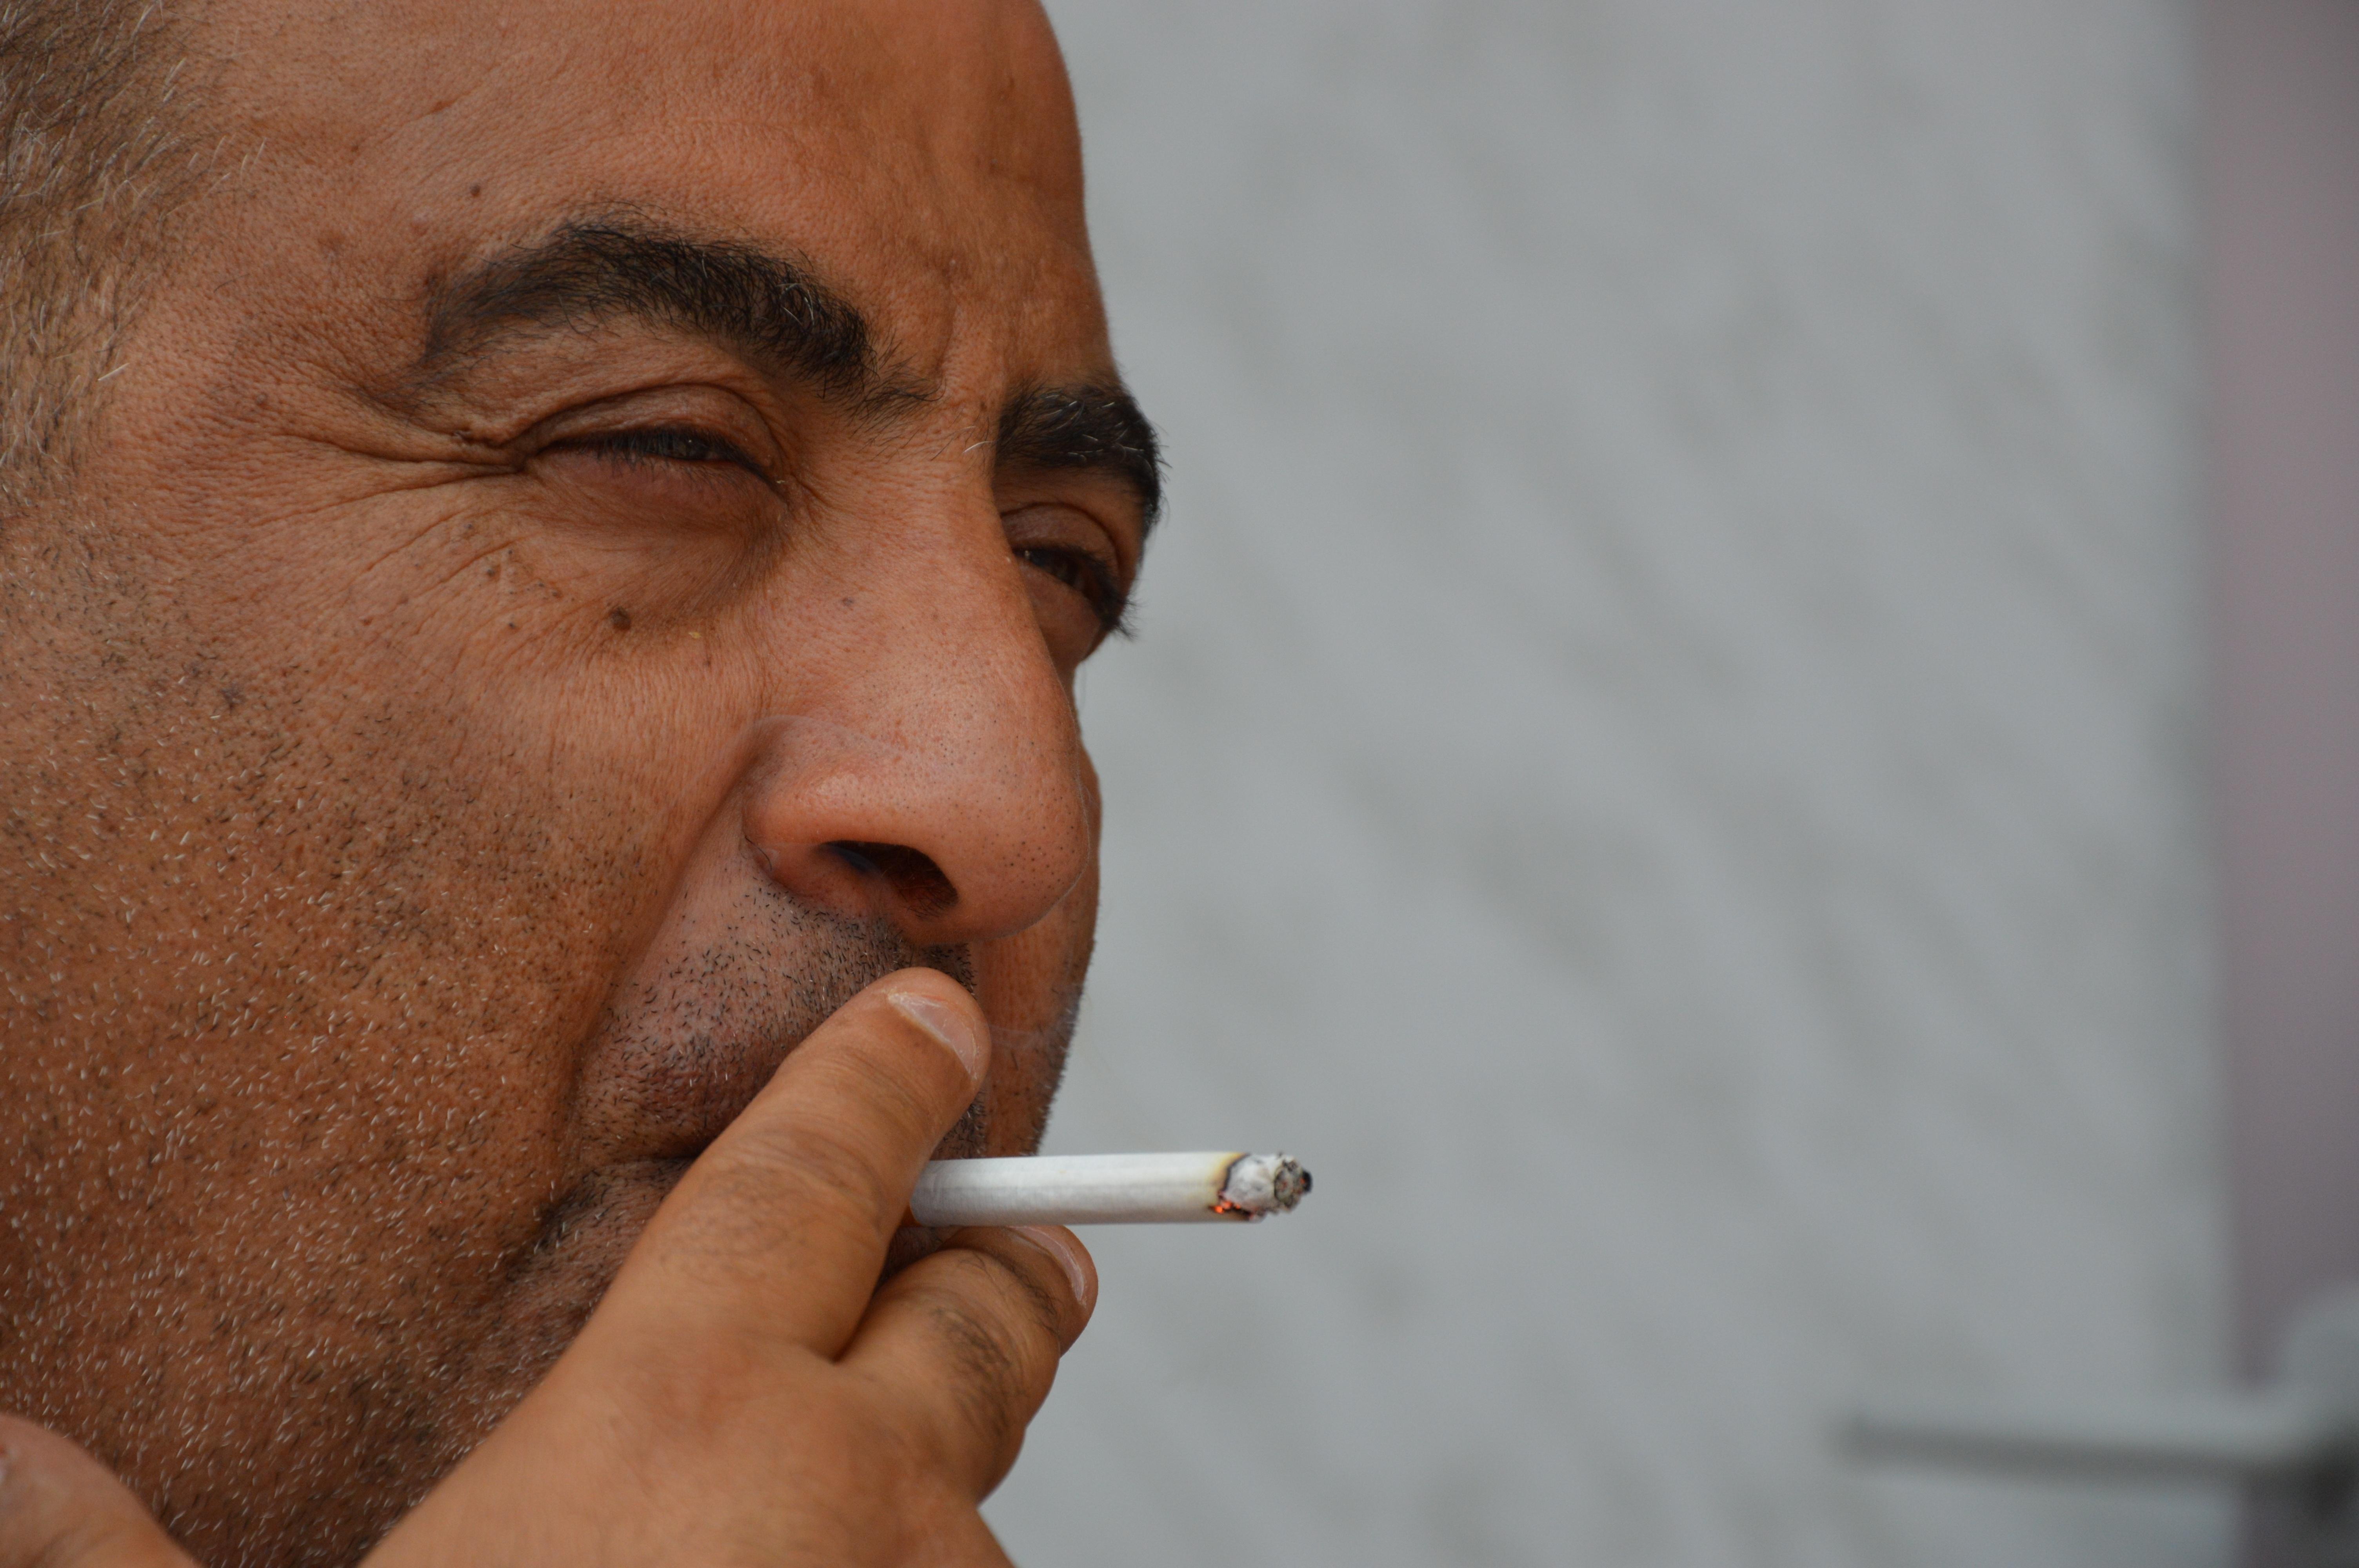 сегодня толстый мужик с сигаретой фото это